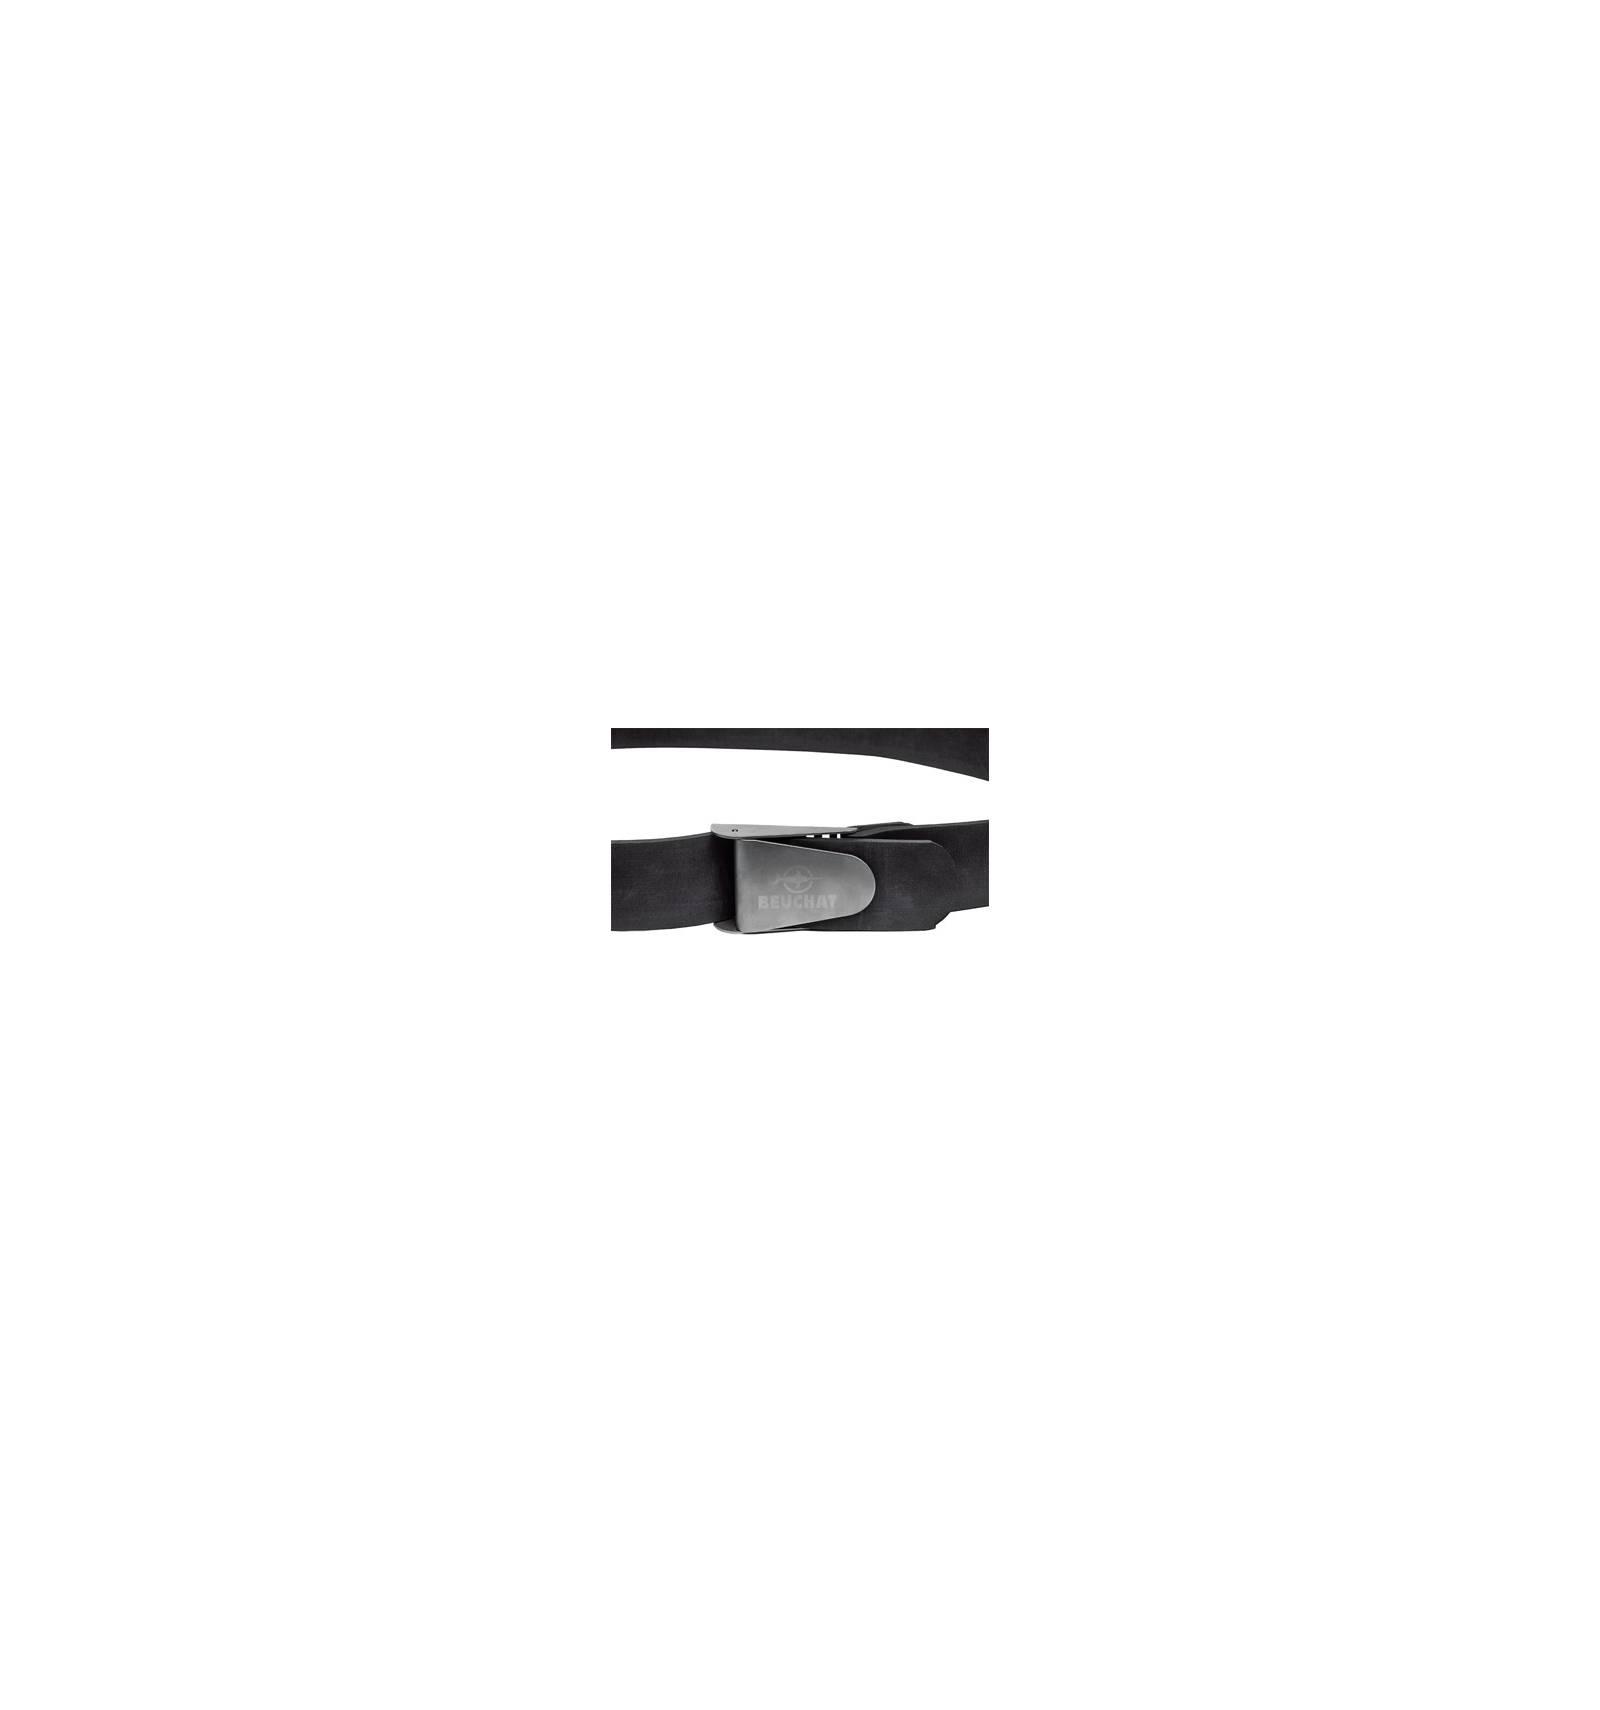 Ceinture boucle US Inox - Sangle néoprène - Beuchat Plongée ... 5f8e0ff9994